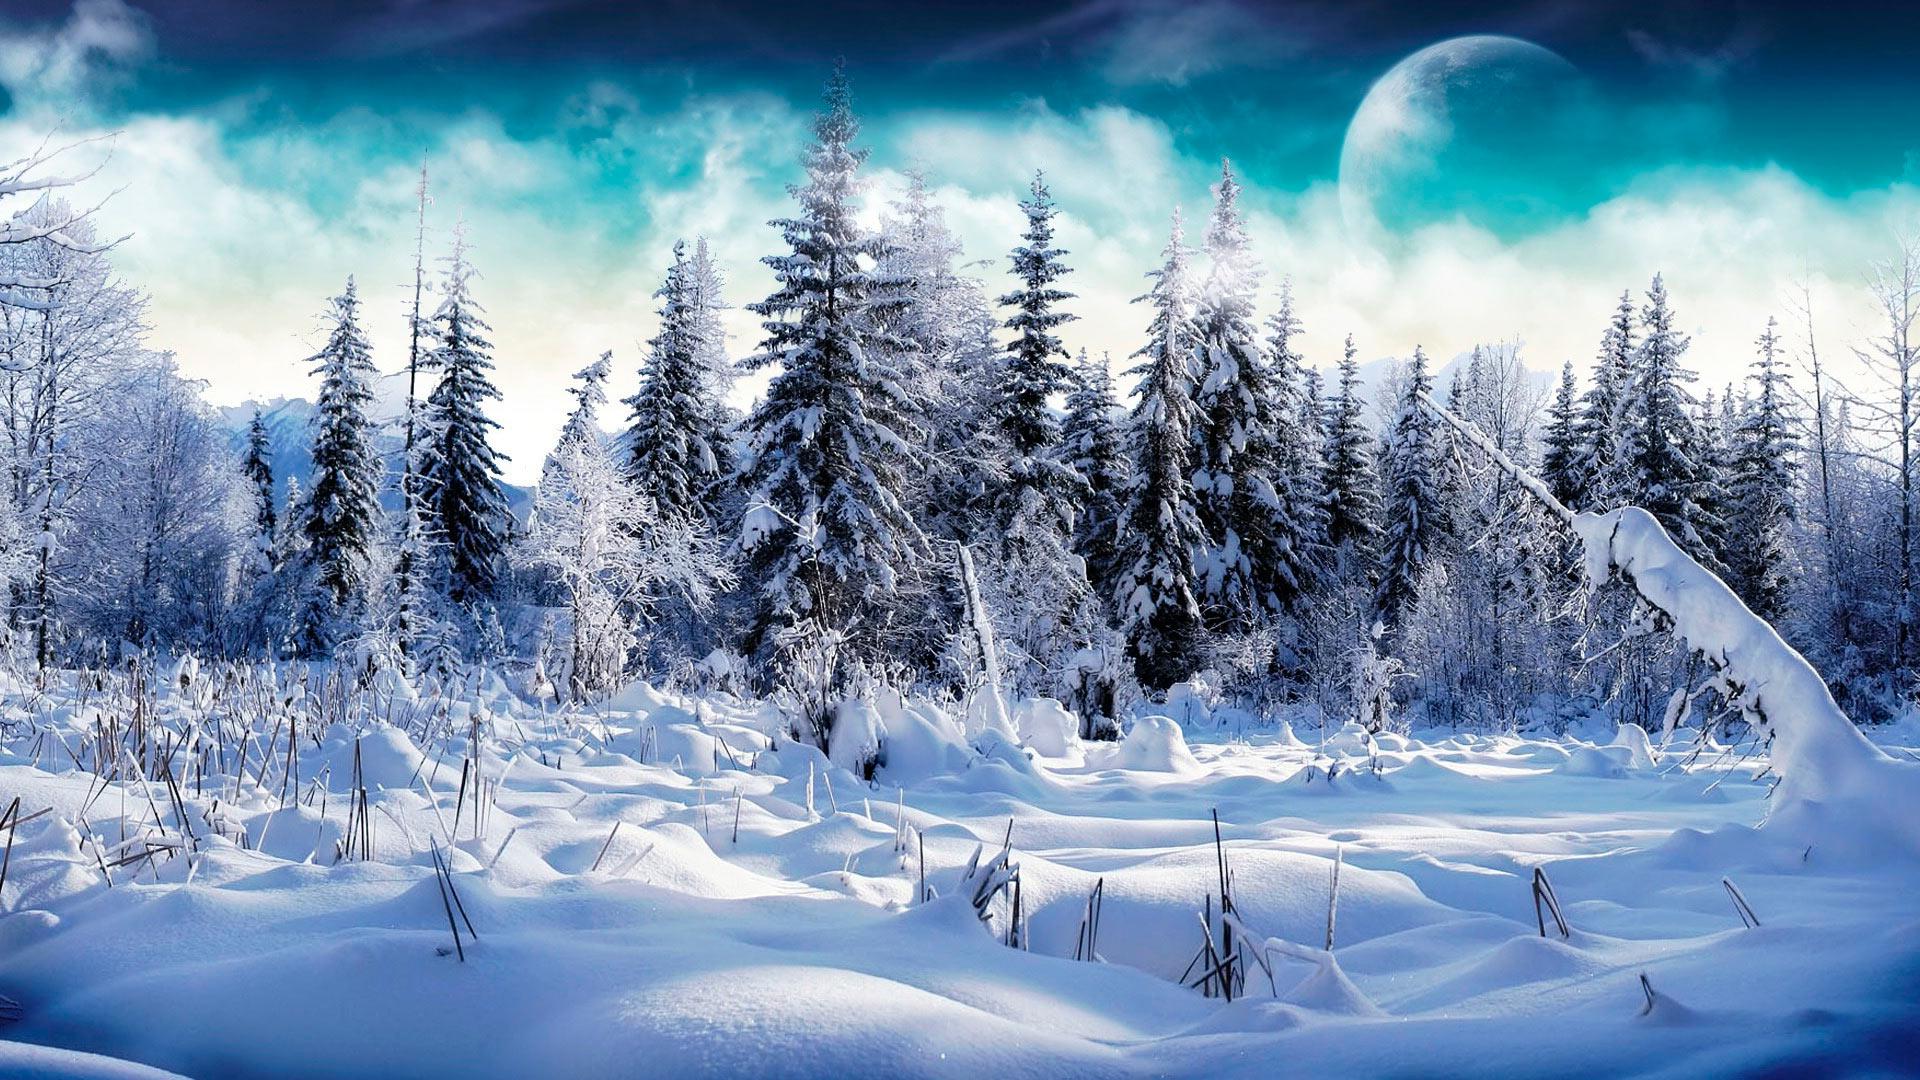 призвал картинки для рабочего стола зимние пейзажи самого рождения